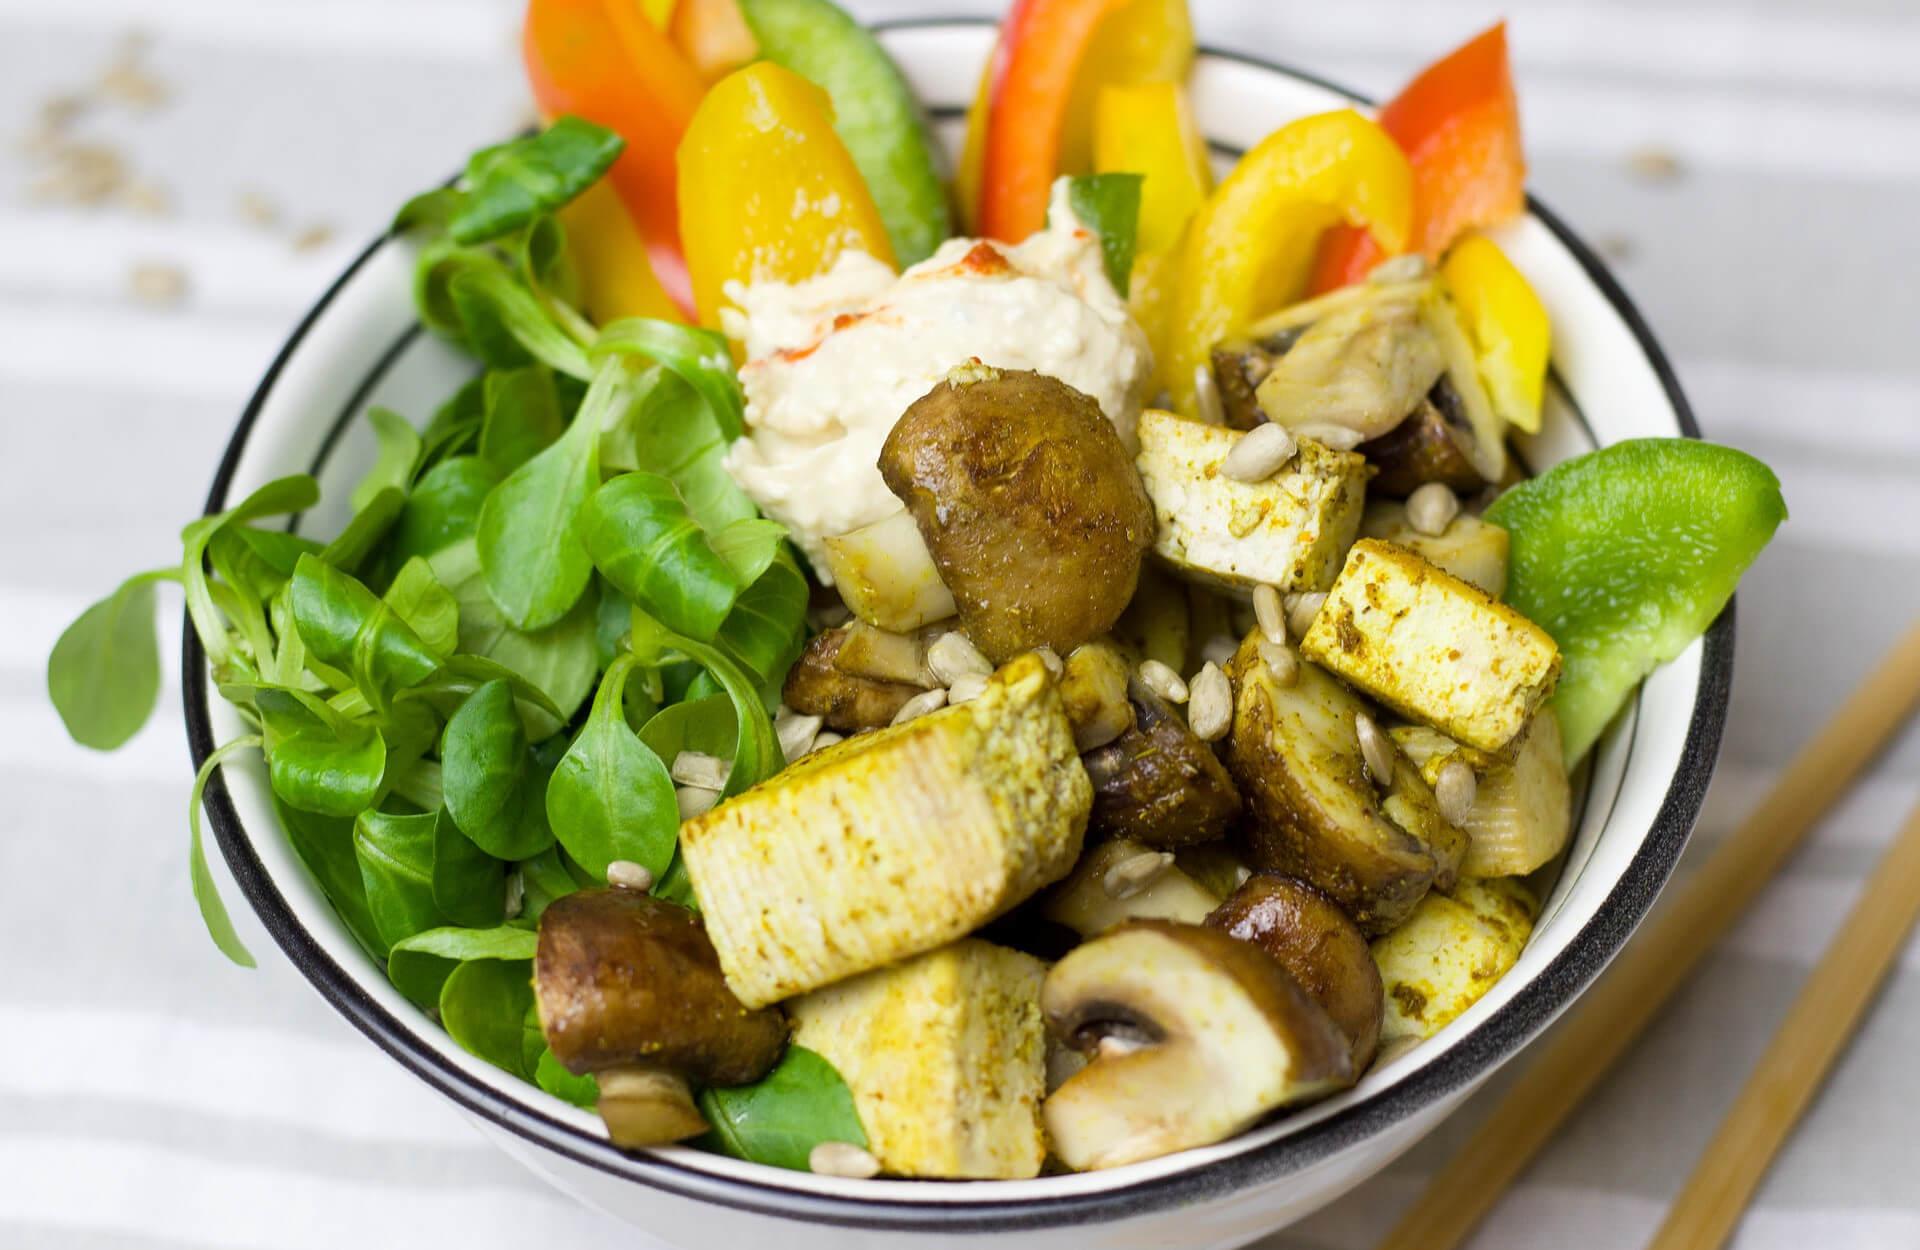 Wer tierische Produkte ersetzen möchte, findet in unserem Artikel wertvolle vegane Alternativen.